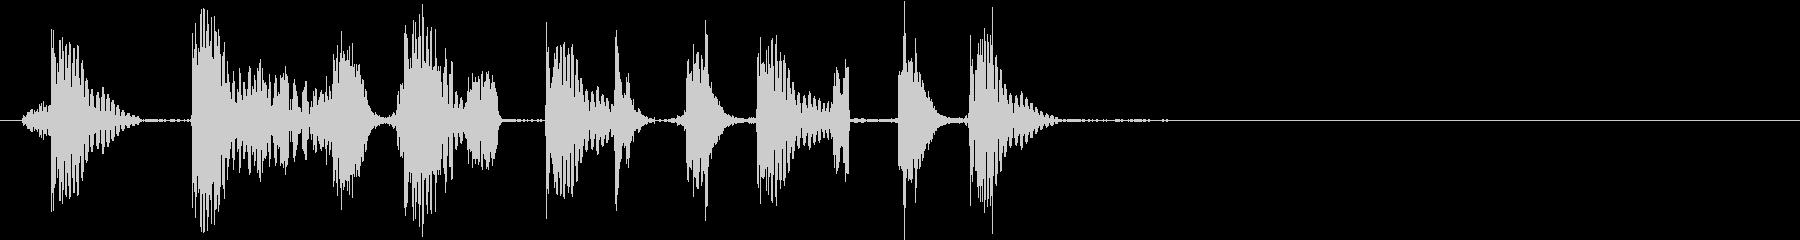 歯切れの良いスクラッチ音で場面を展開の未再生の波形